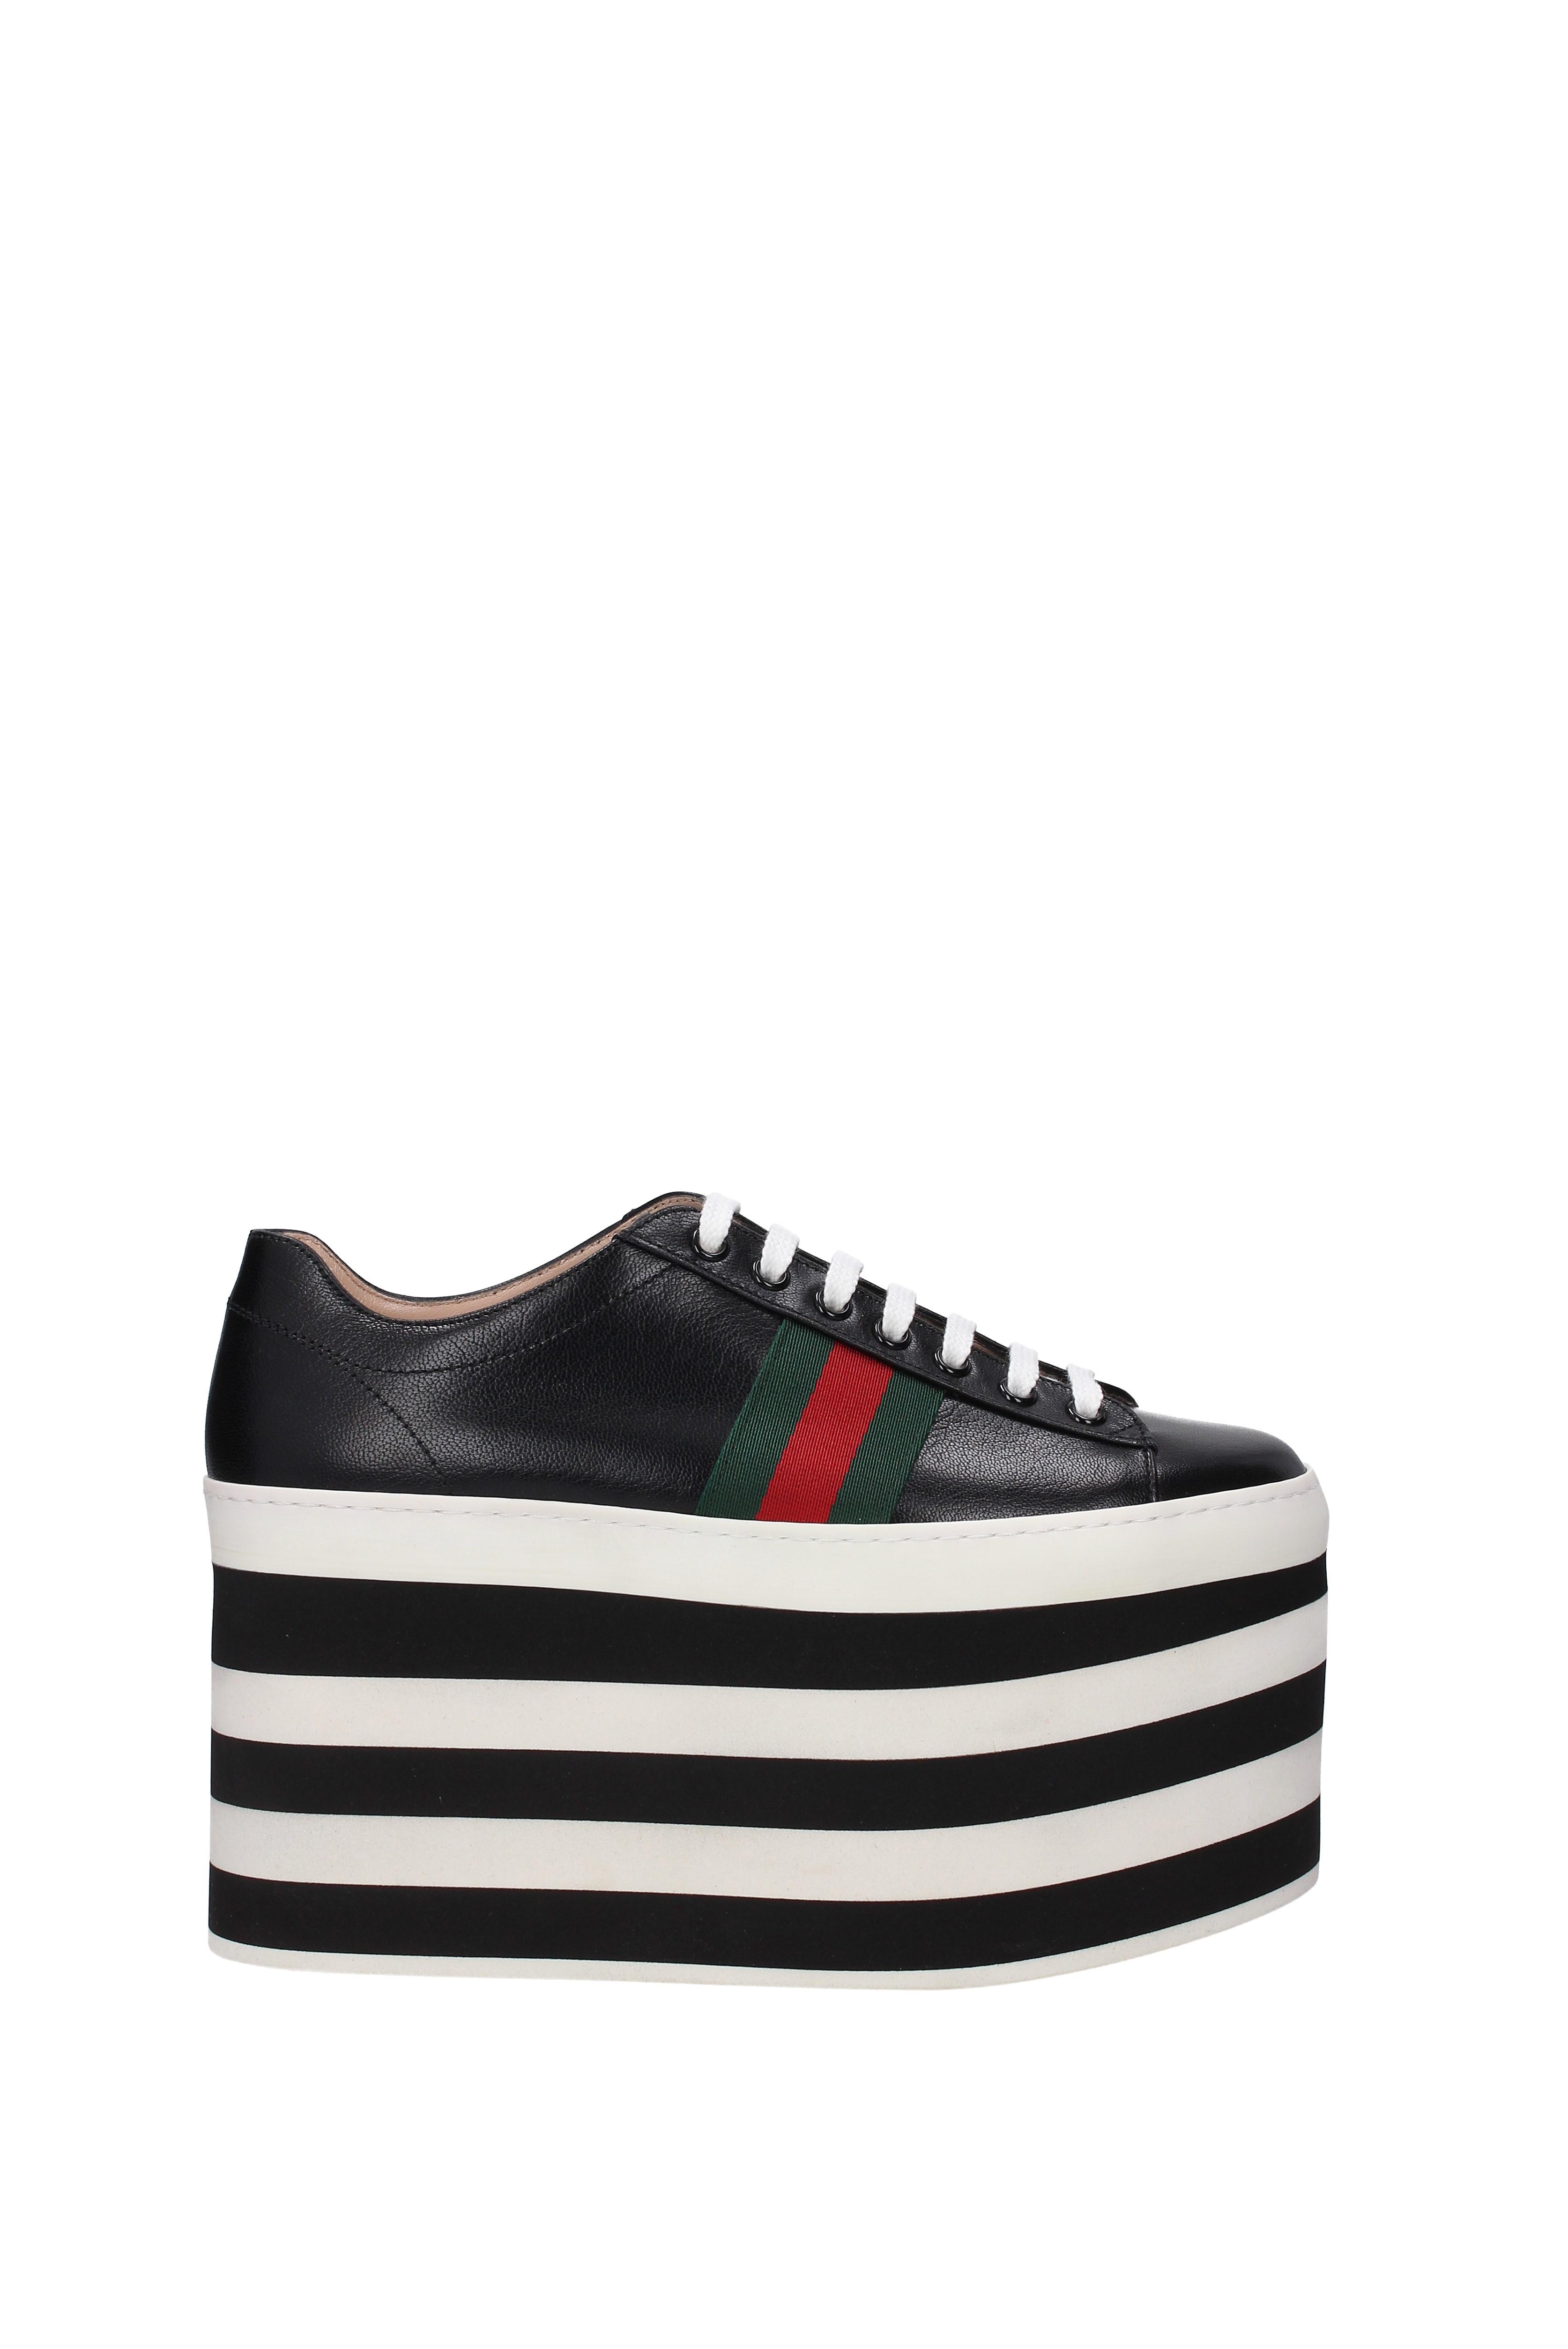 Zapatillas De Cuero Gucci Para Mujer - (452312D3VN0)  adac3044b92